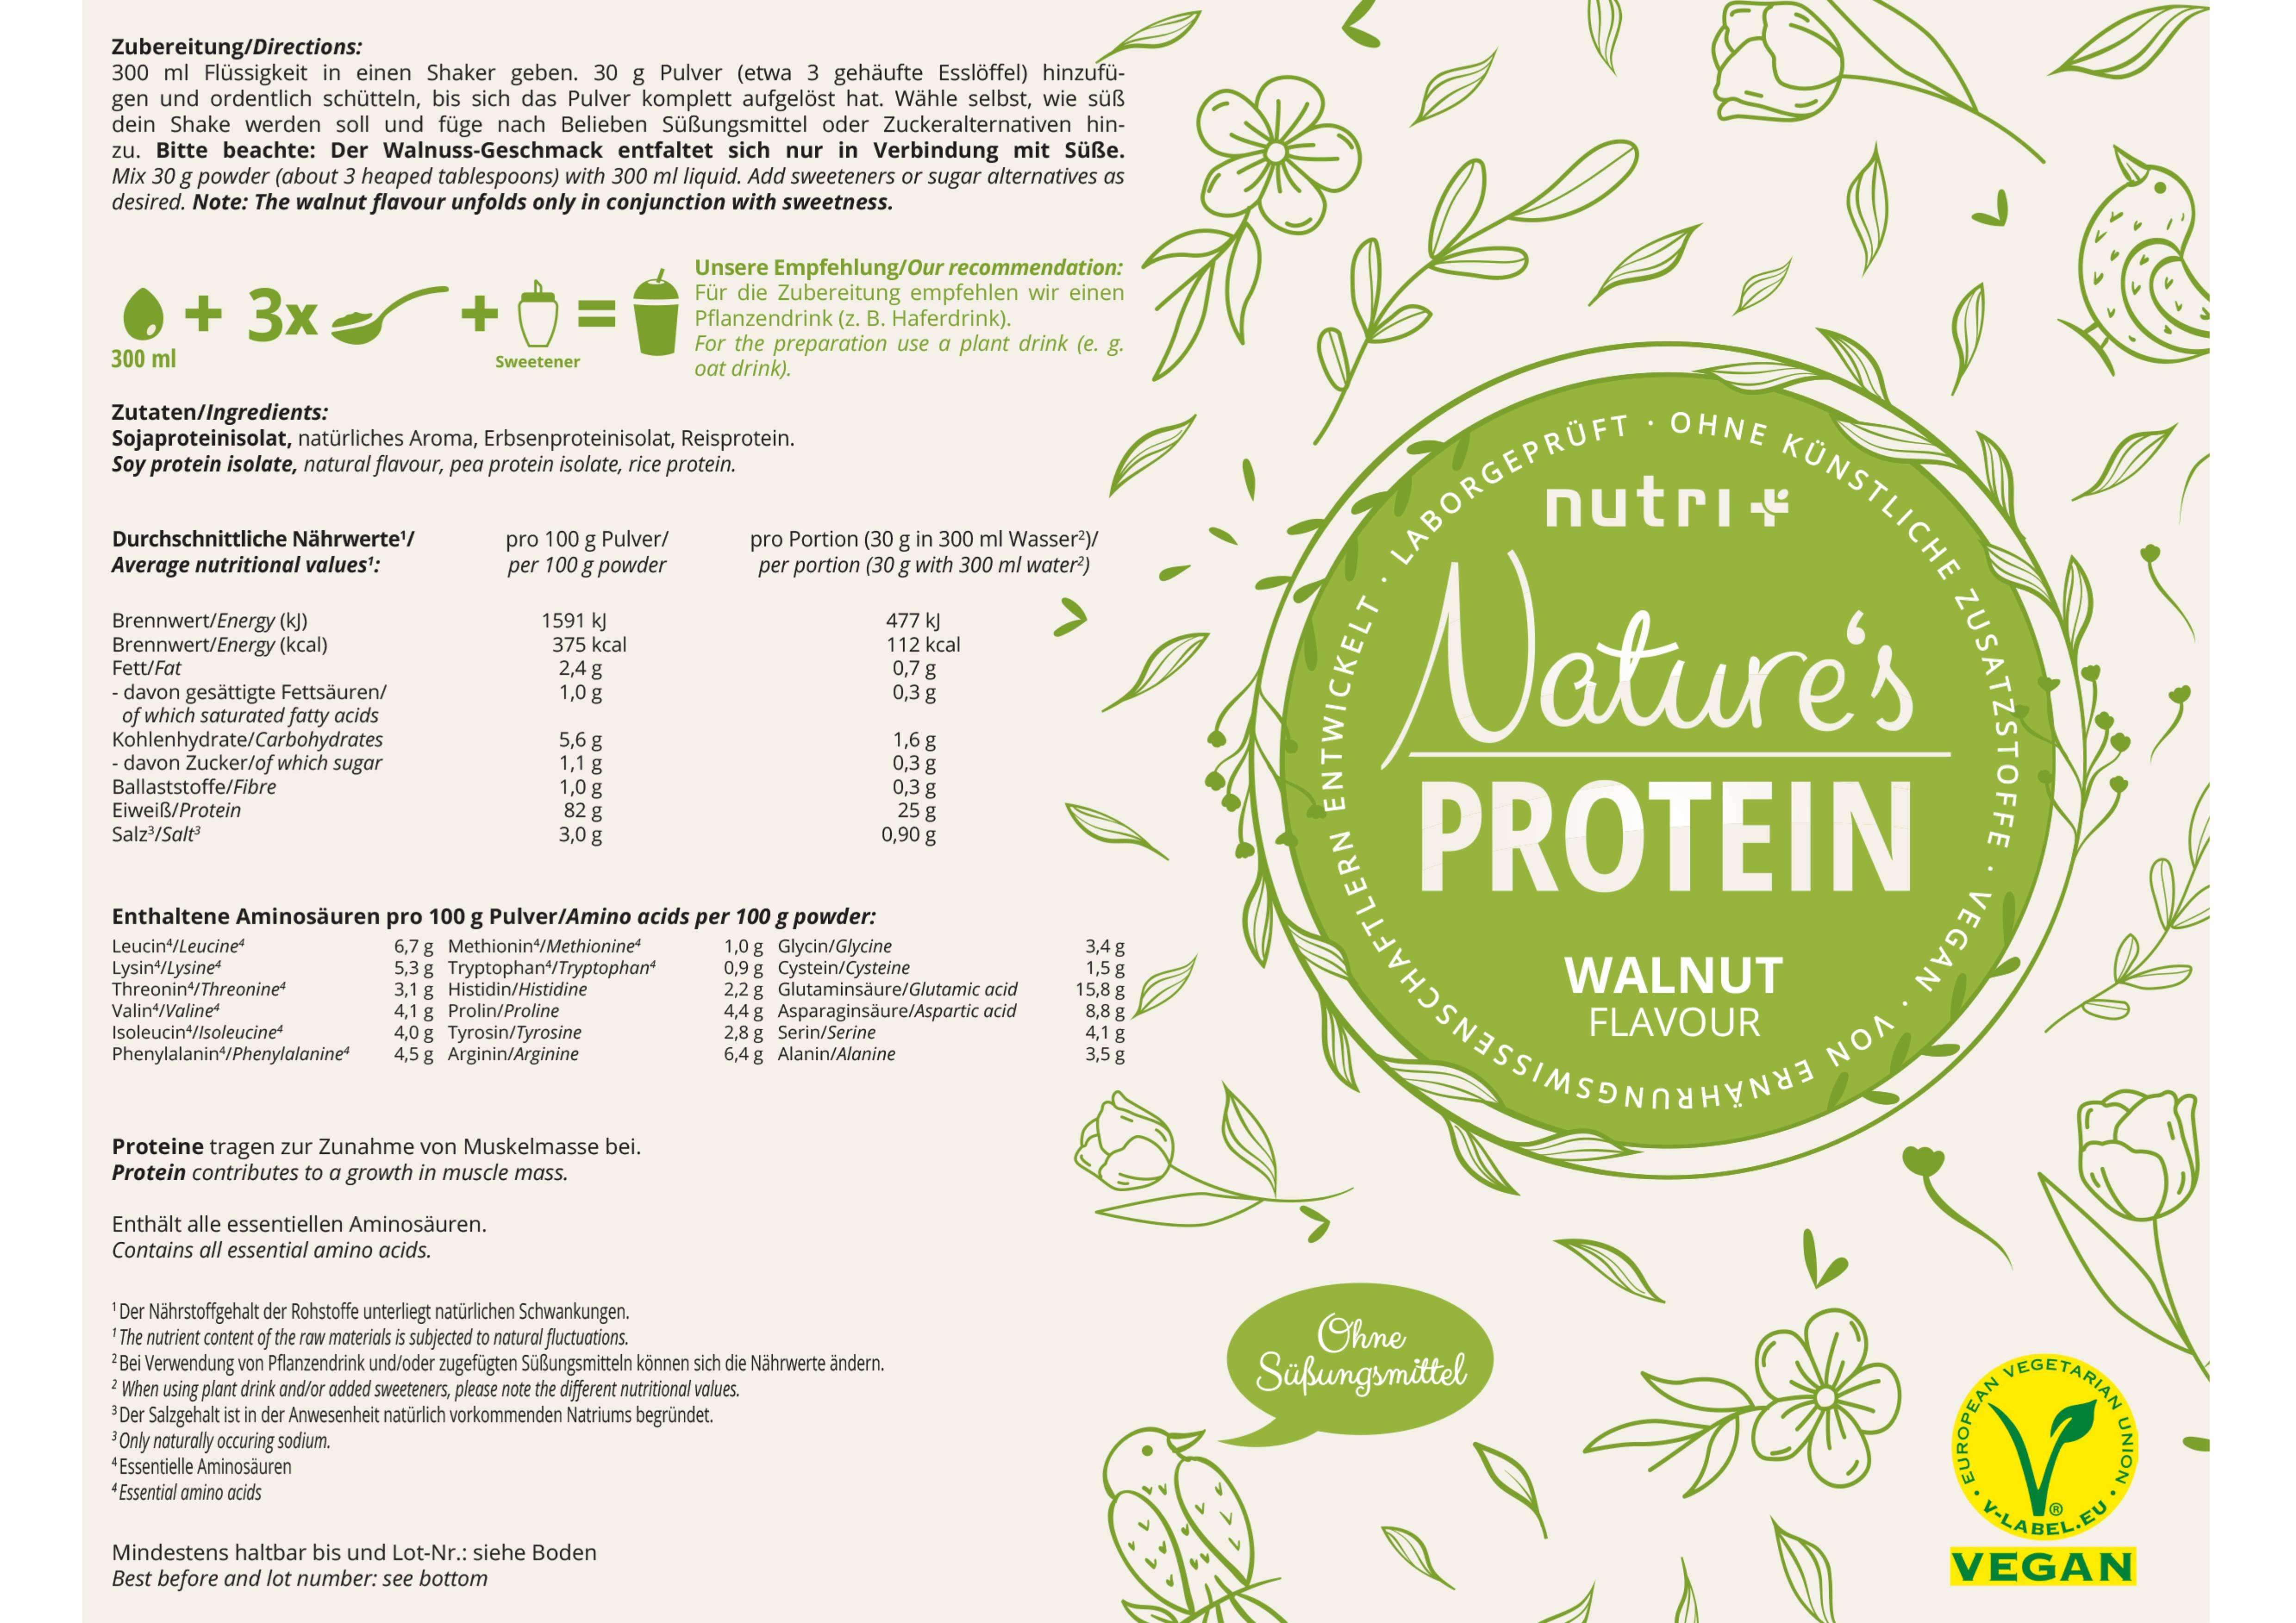 nutri+ Natures Protein - Eiweißpulver ohne Süßstoff